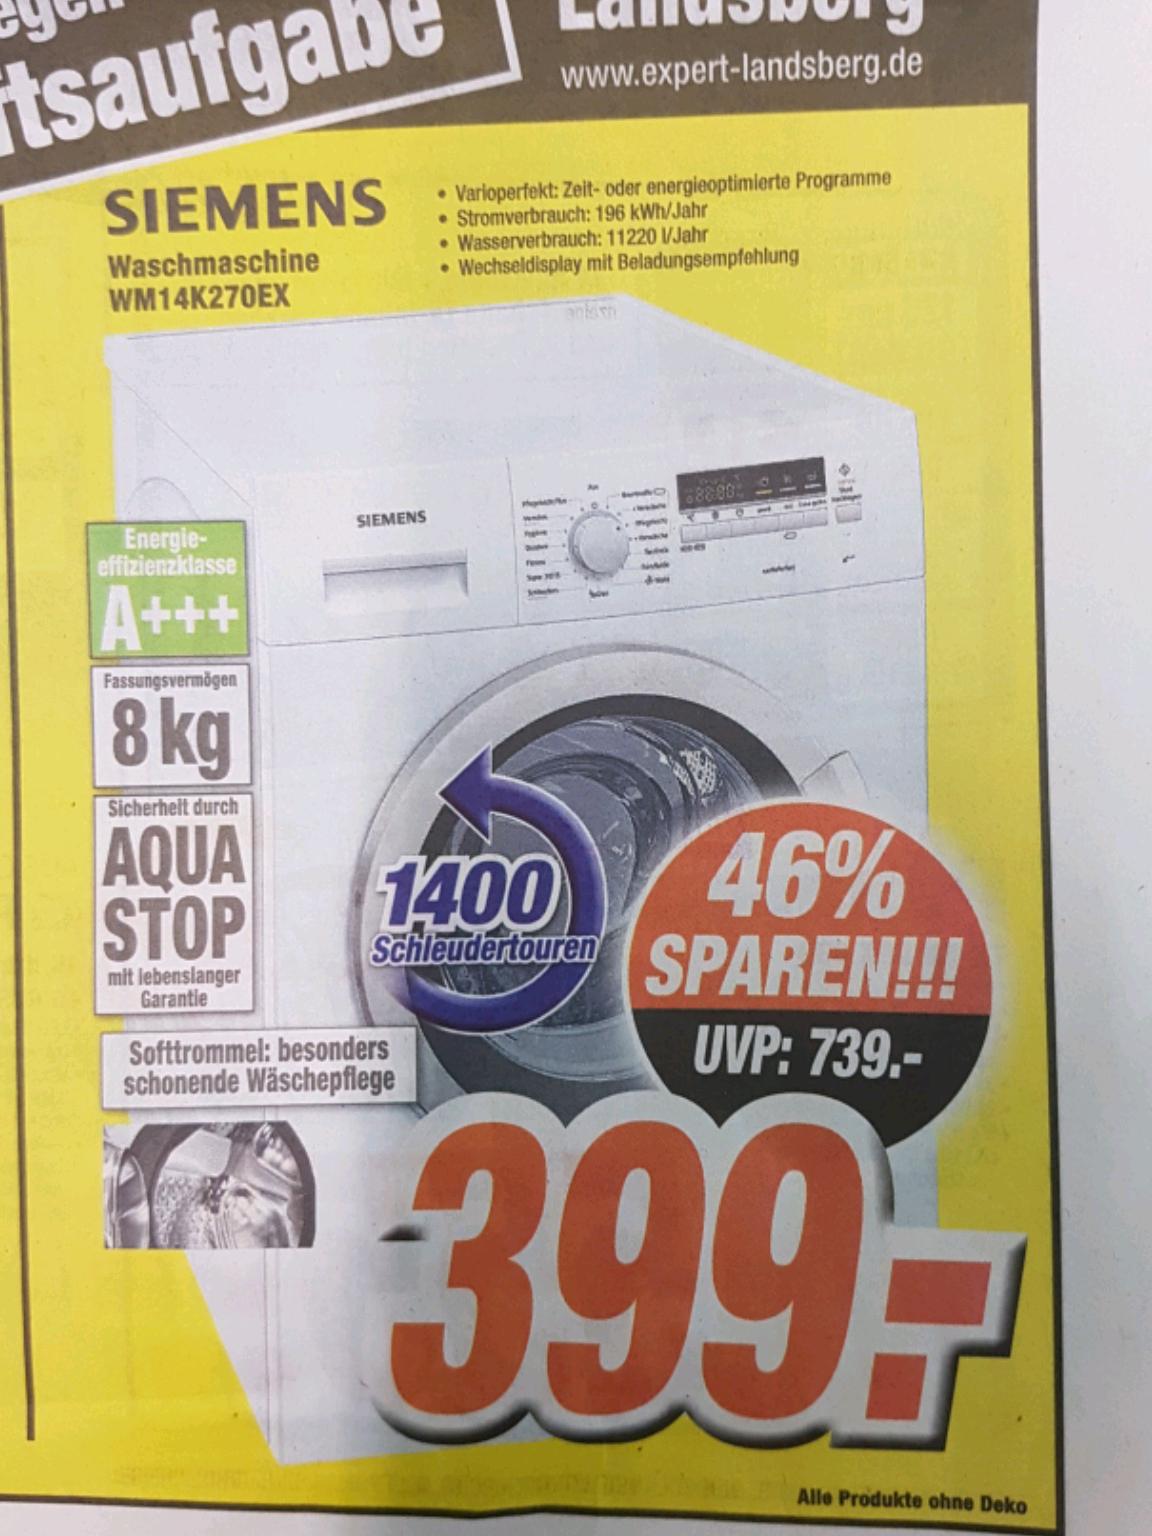 expert Landsberg Siemens Waschmaschine WM14K270EX